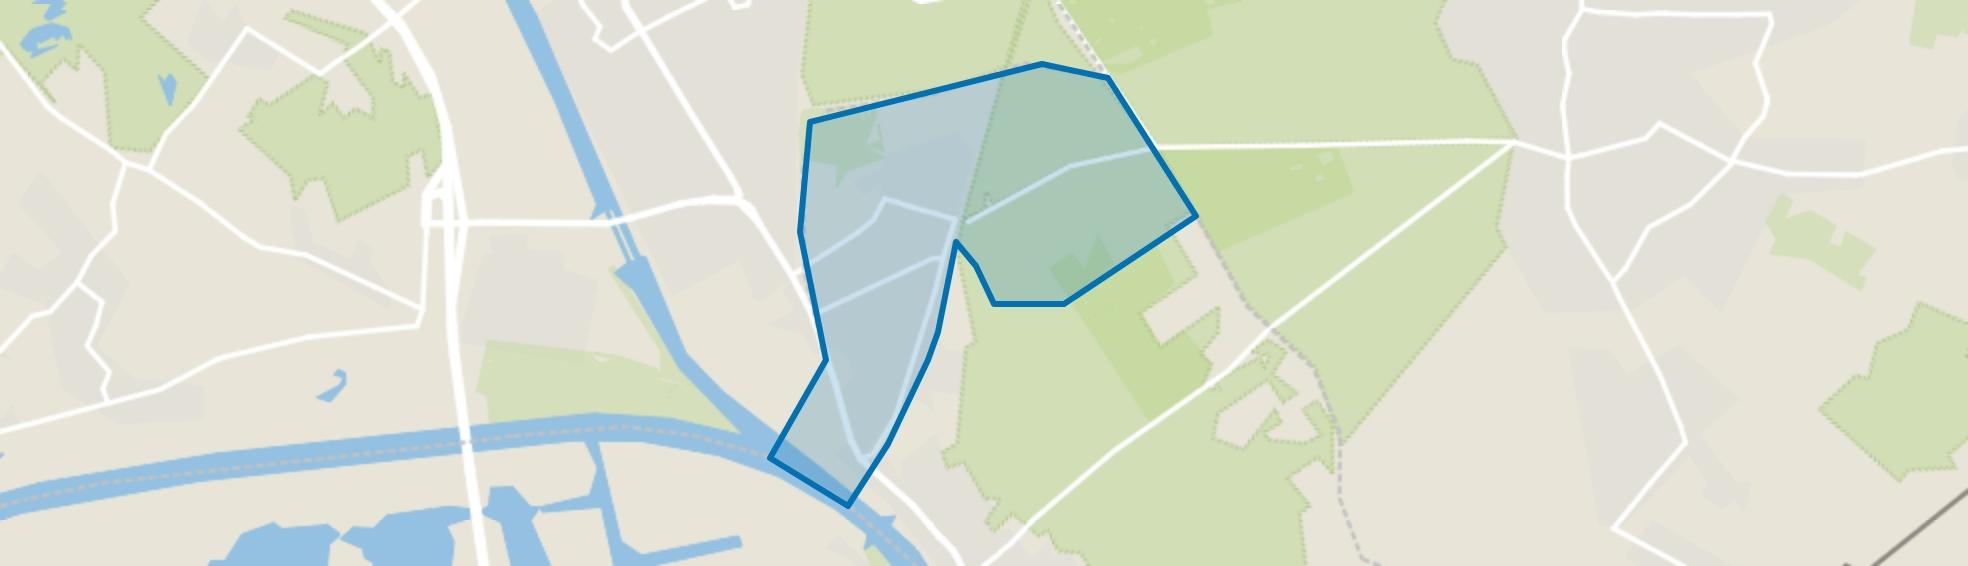 Molenhoek, Molenhoek map